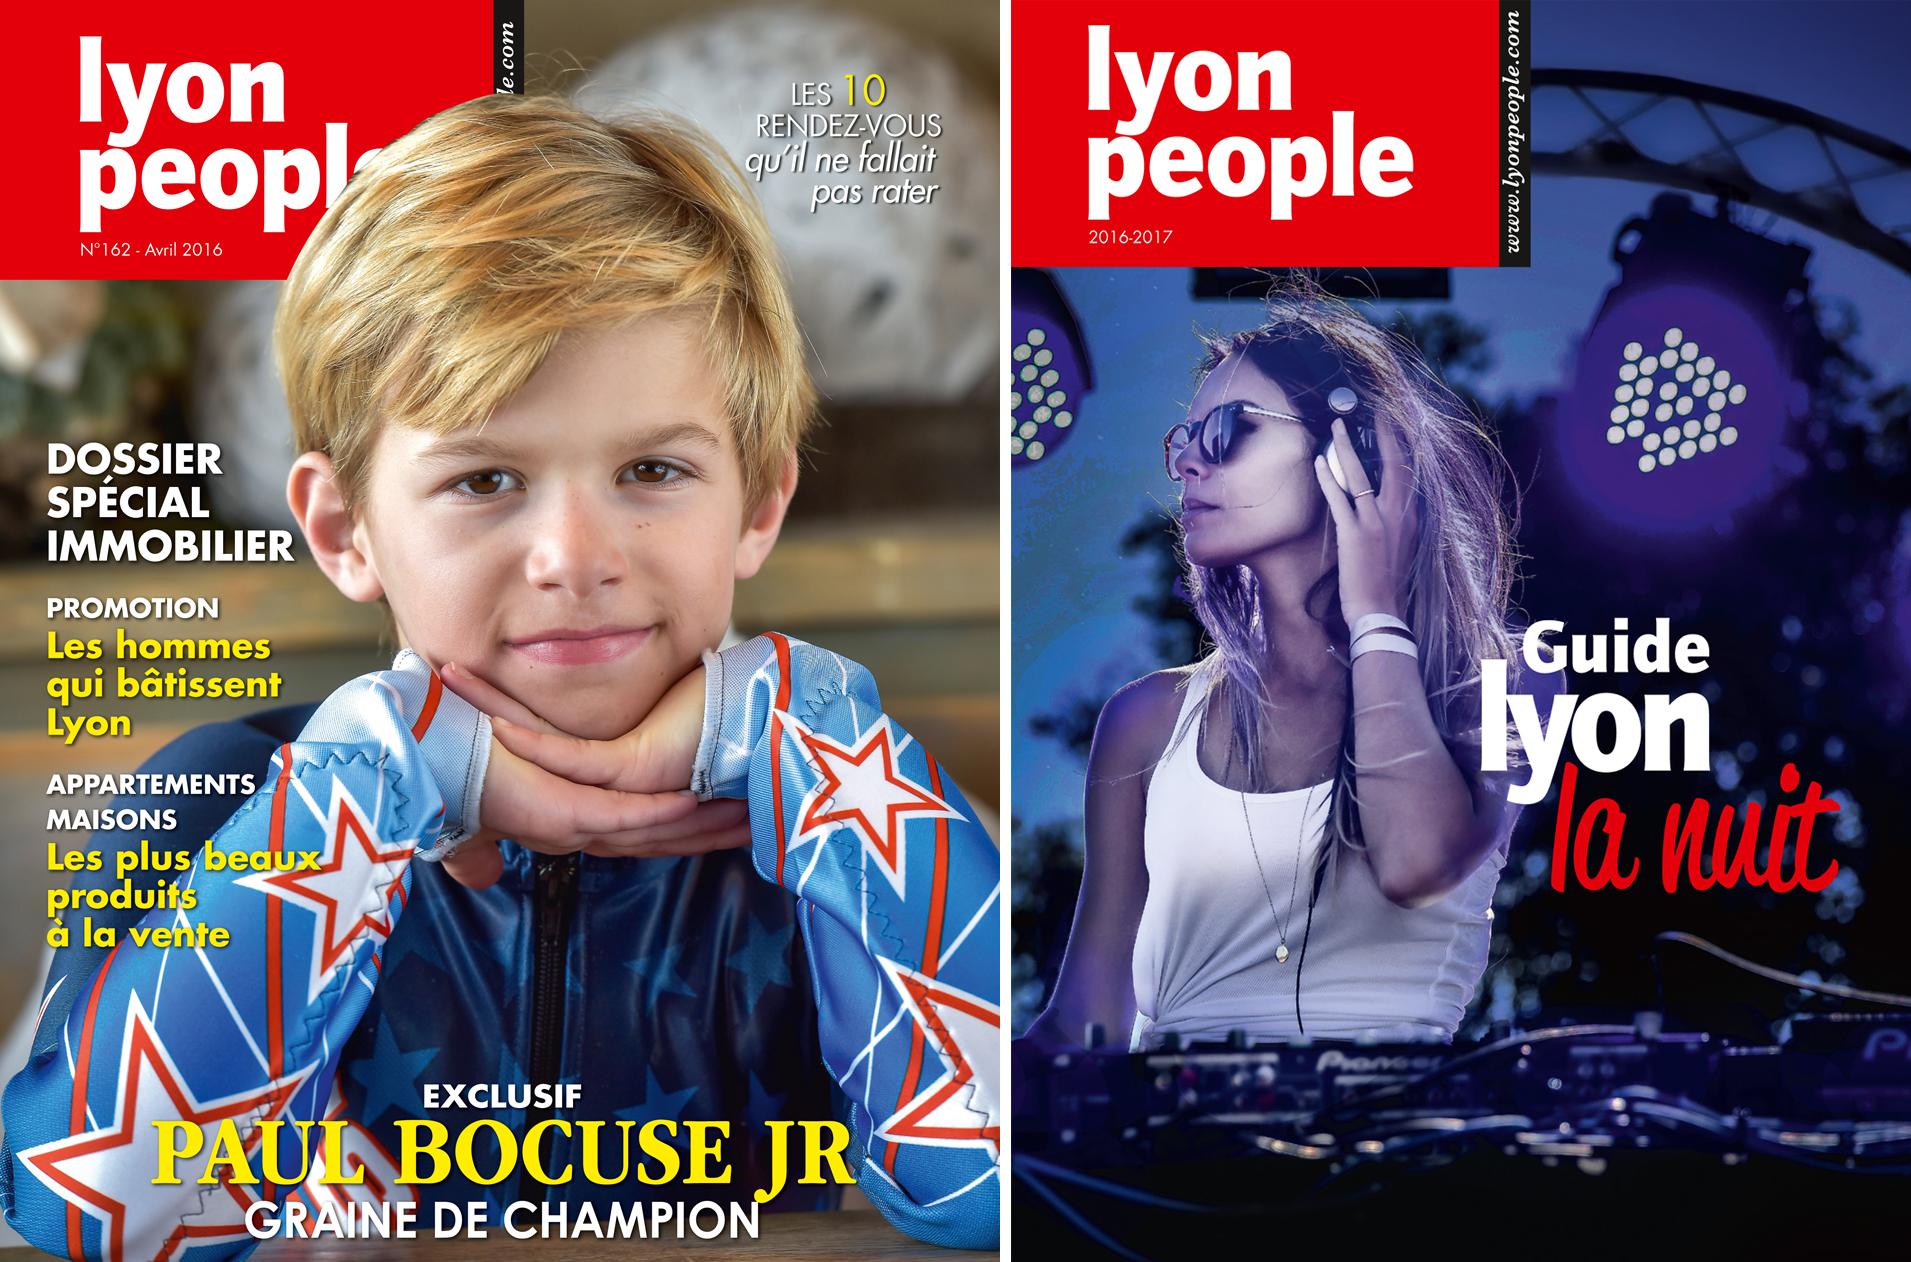 Paul Bocuse Junior en couverture de Lyon People